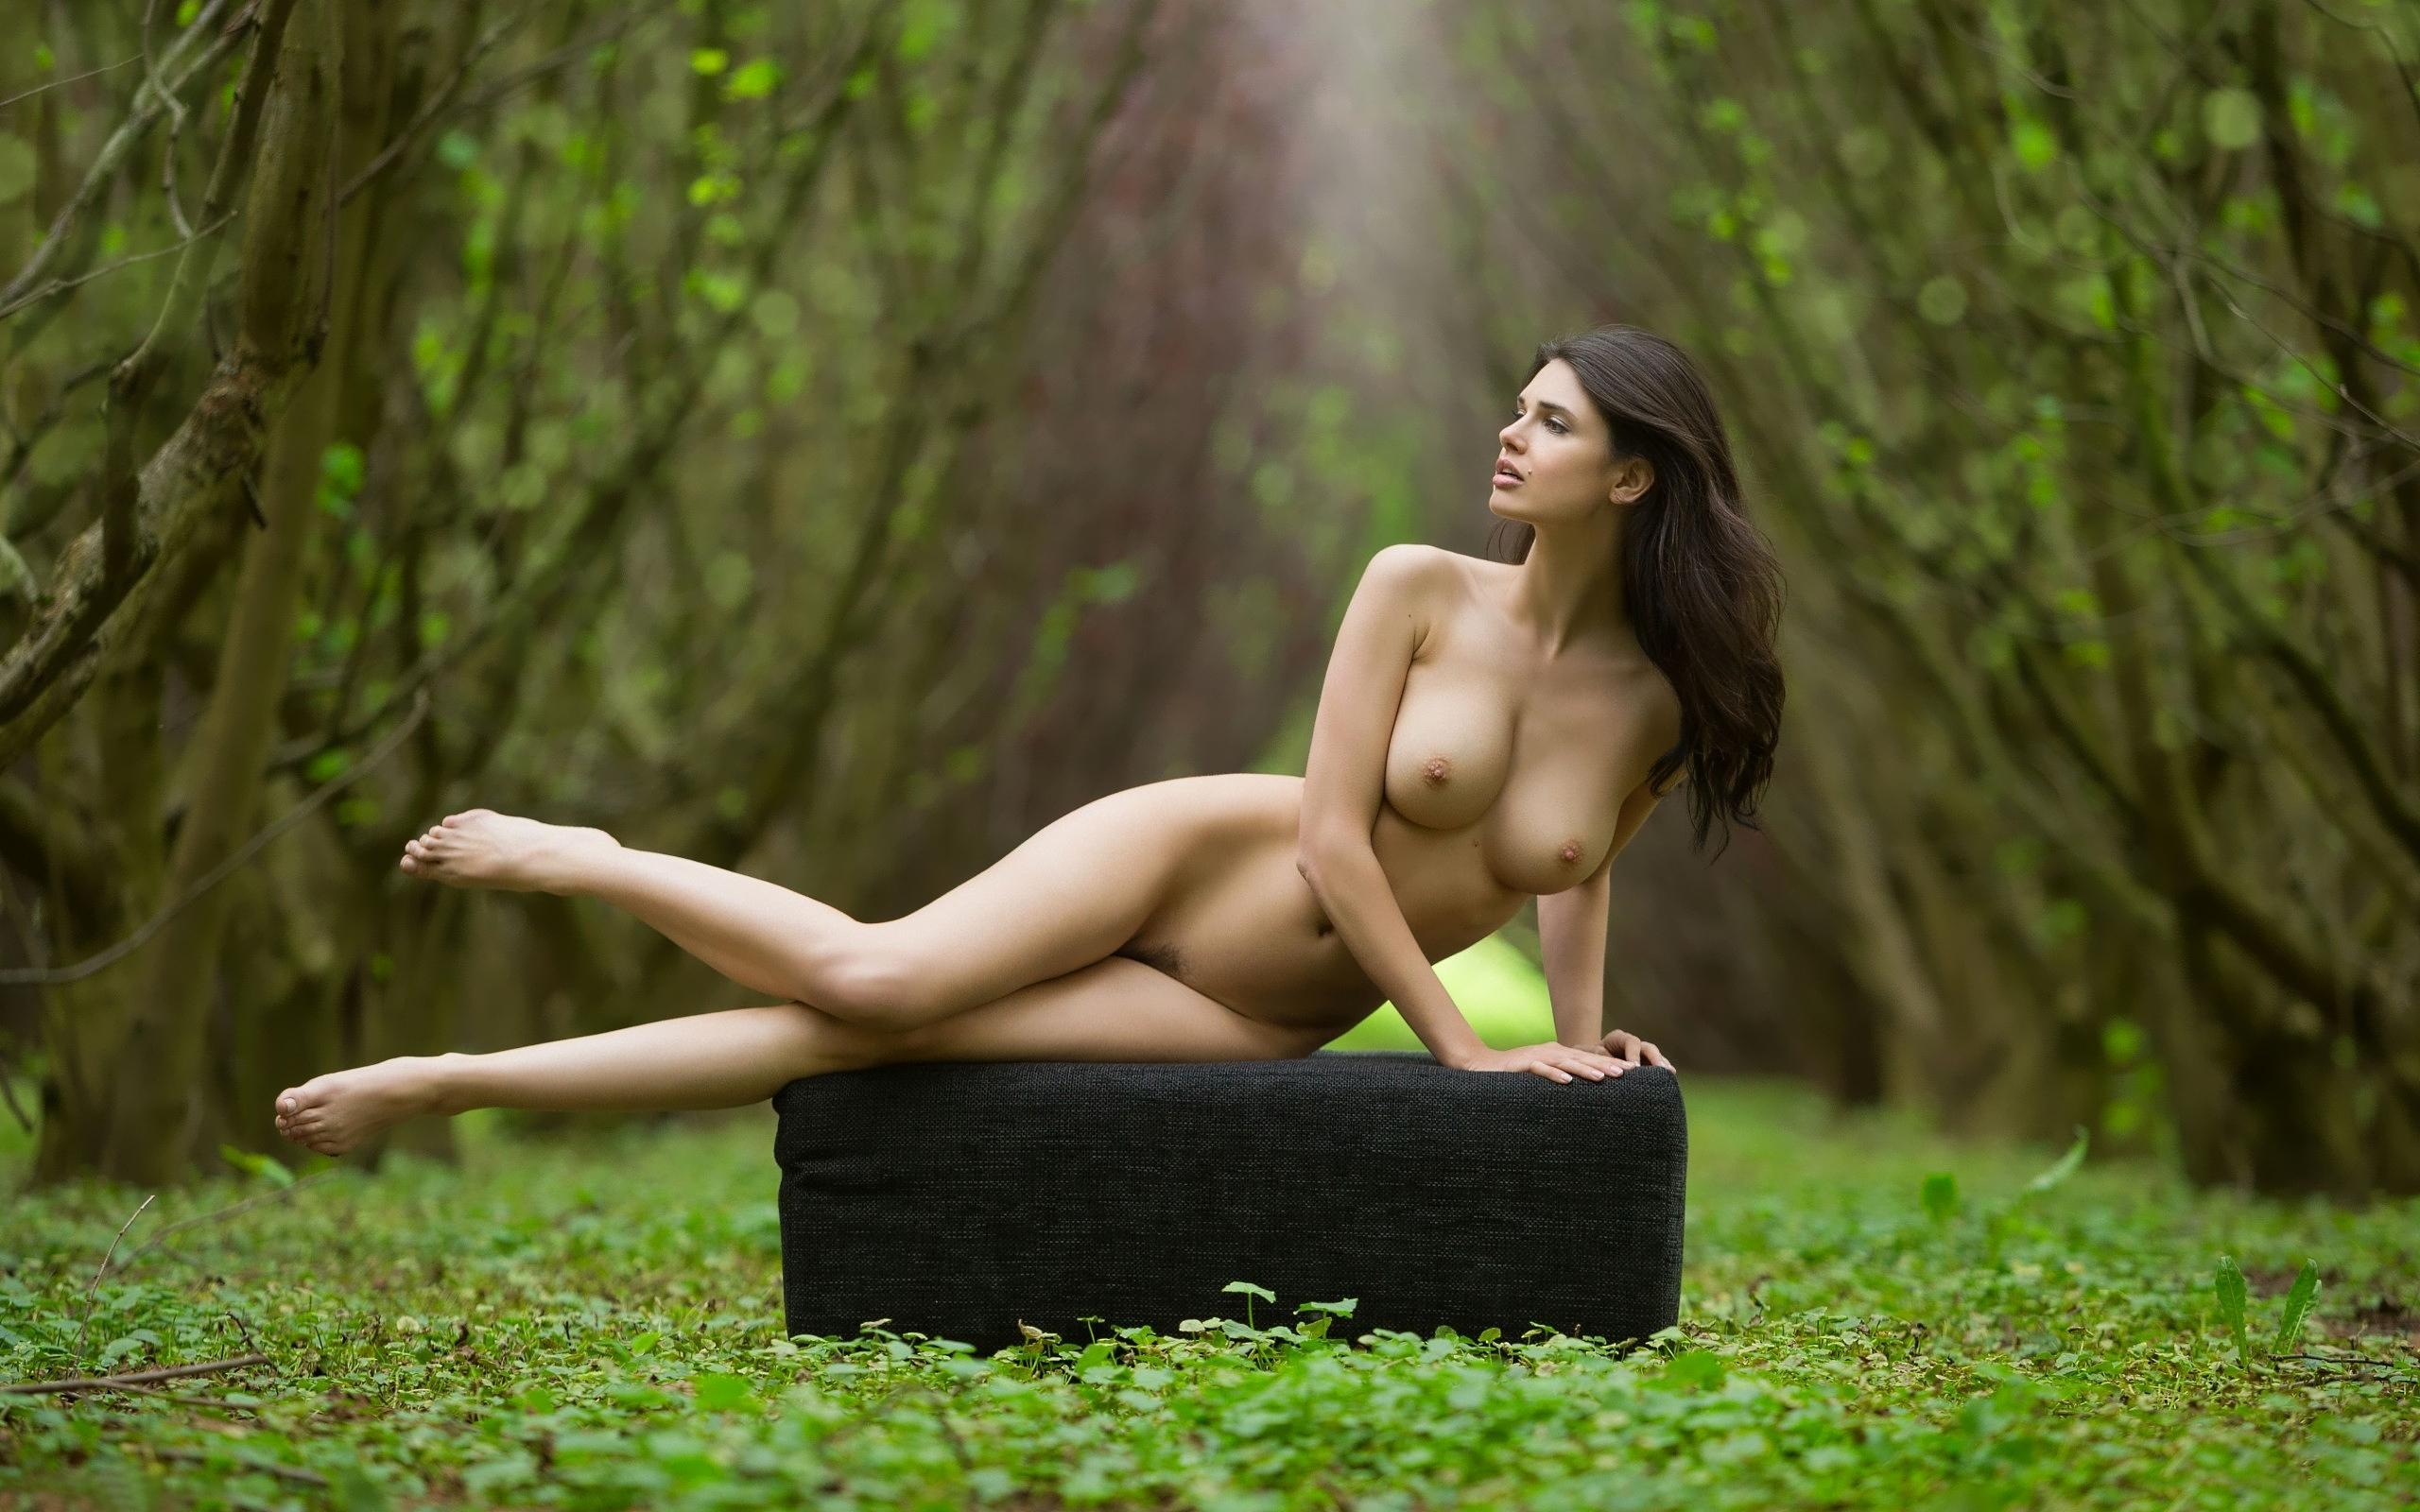 Эротика красивая девушка, Эротика, смотретьонлайн эро видео с красивыми 17 фотография